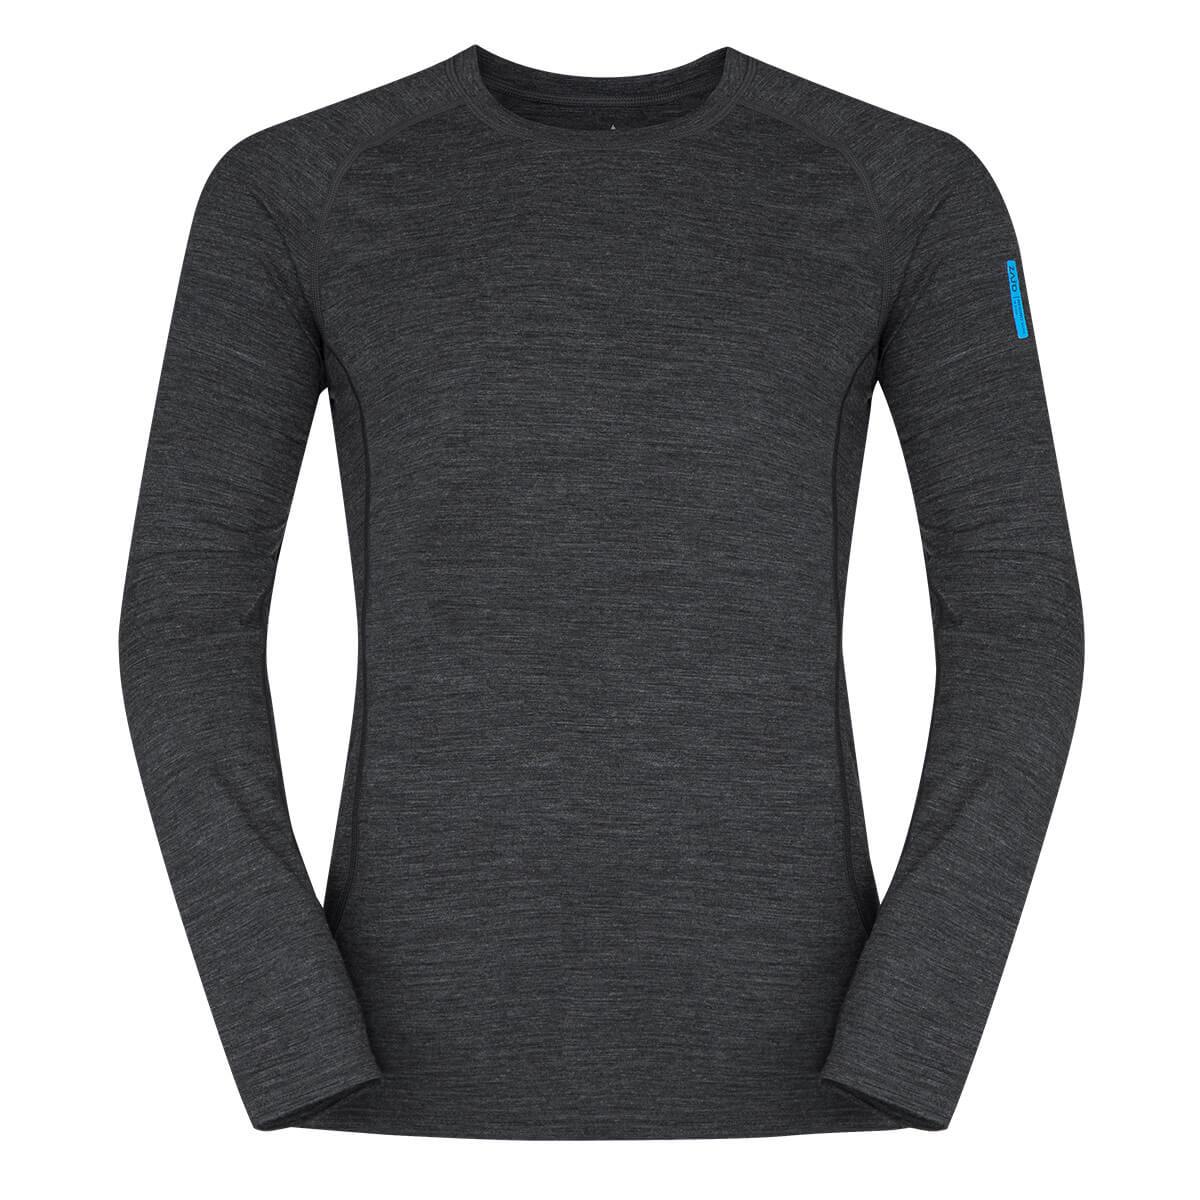 Pánske tričko Zajo Bjorn Merino Nylon T-shirt LS Black - veľkosť S